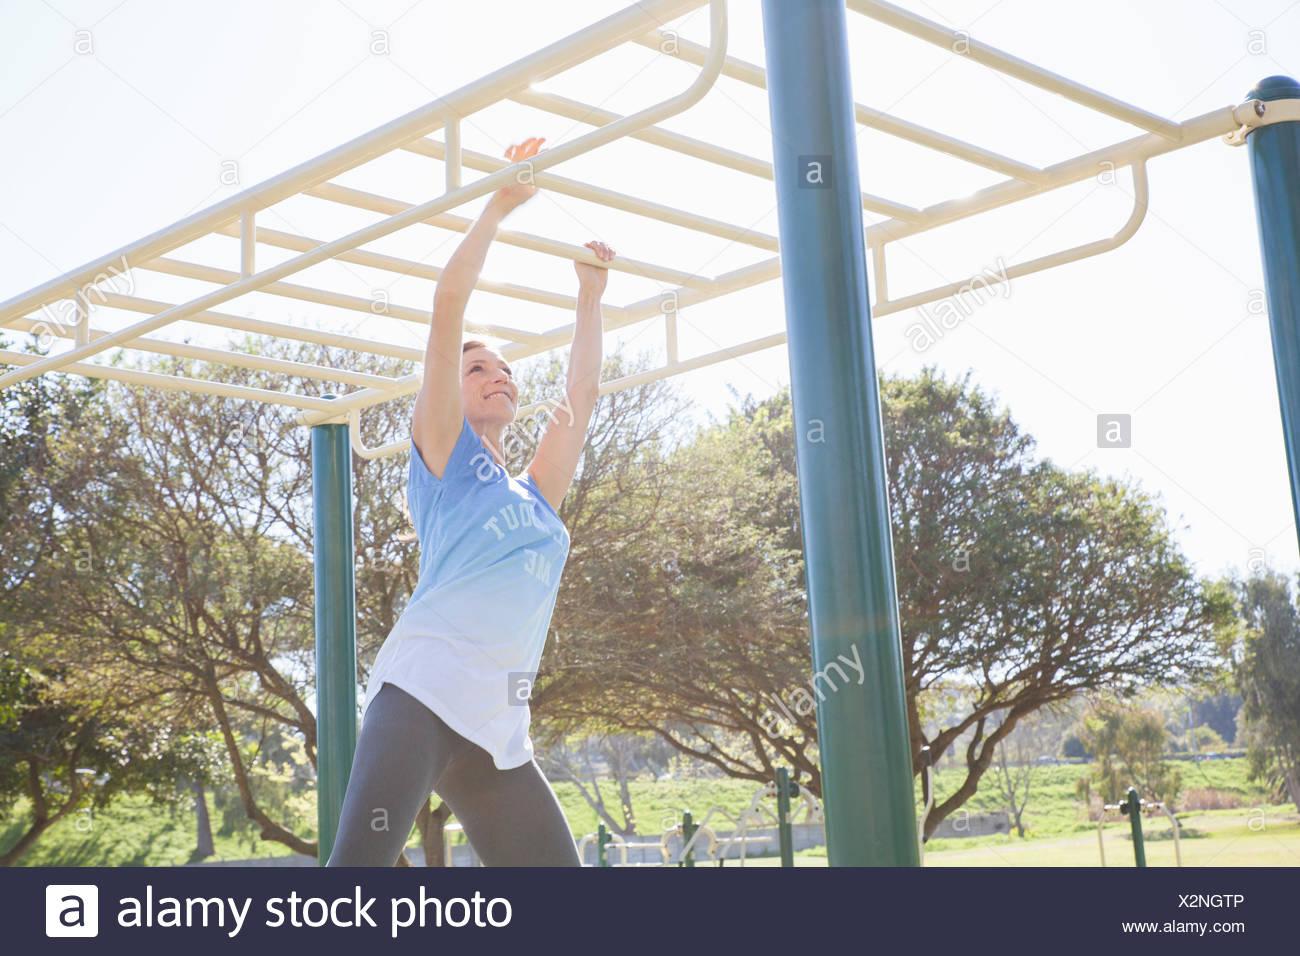 Klettergerüst Erwachsene : Mitte erwachsene frau training im park am klettergerüst stockfoto